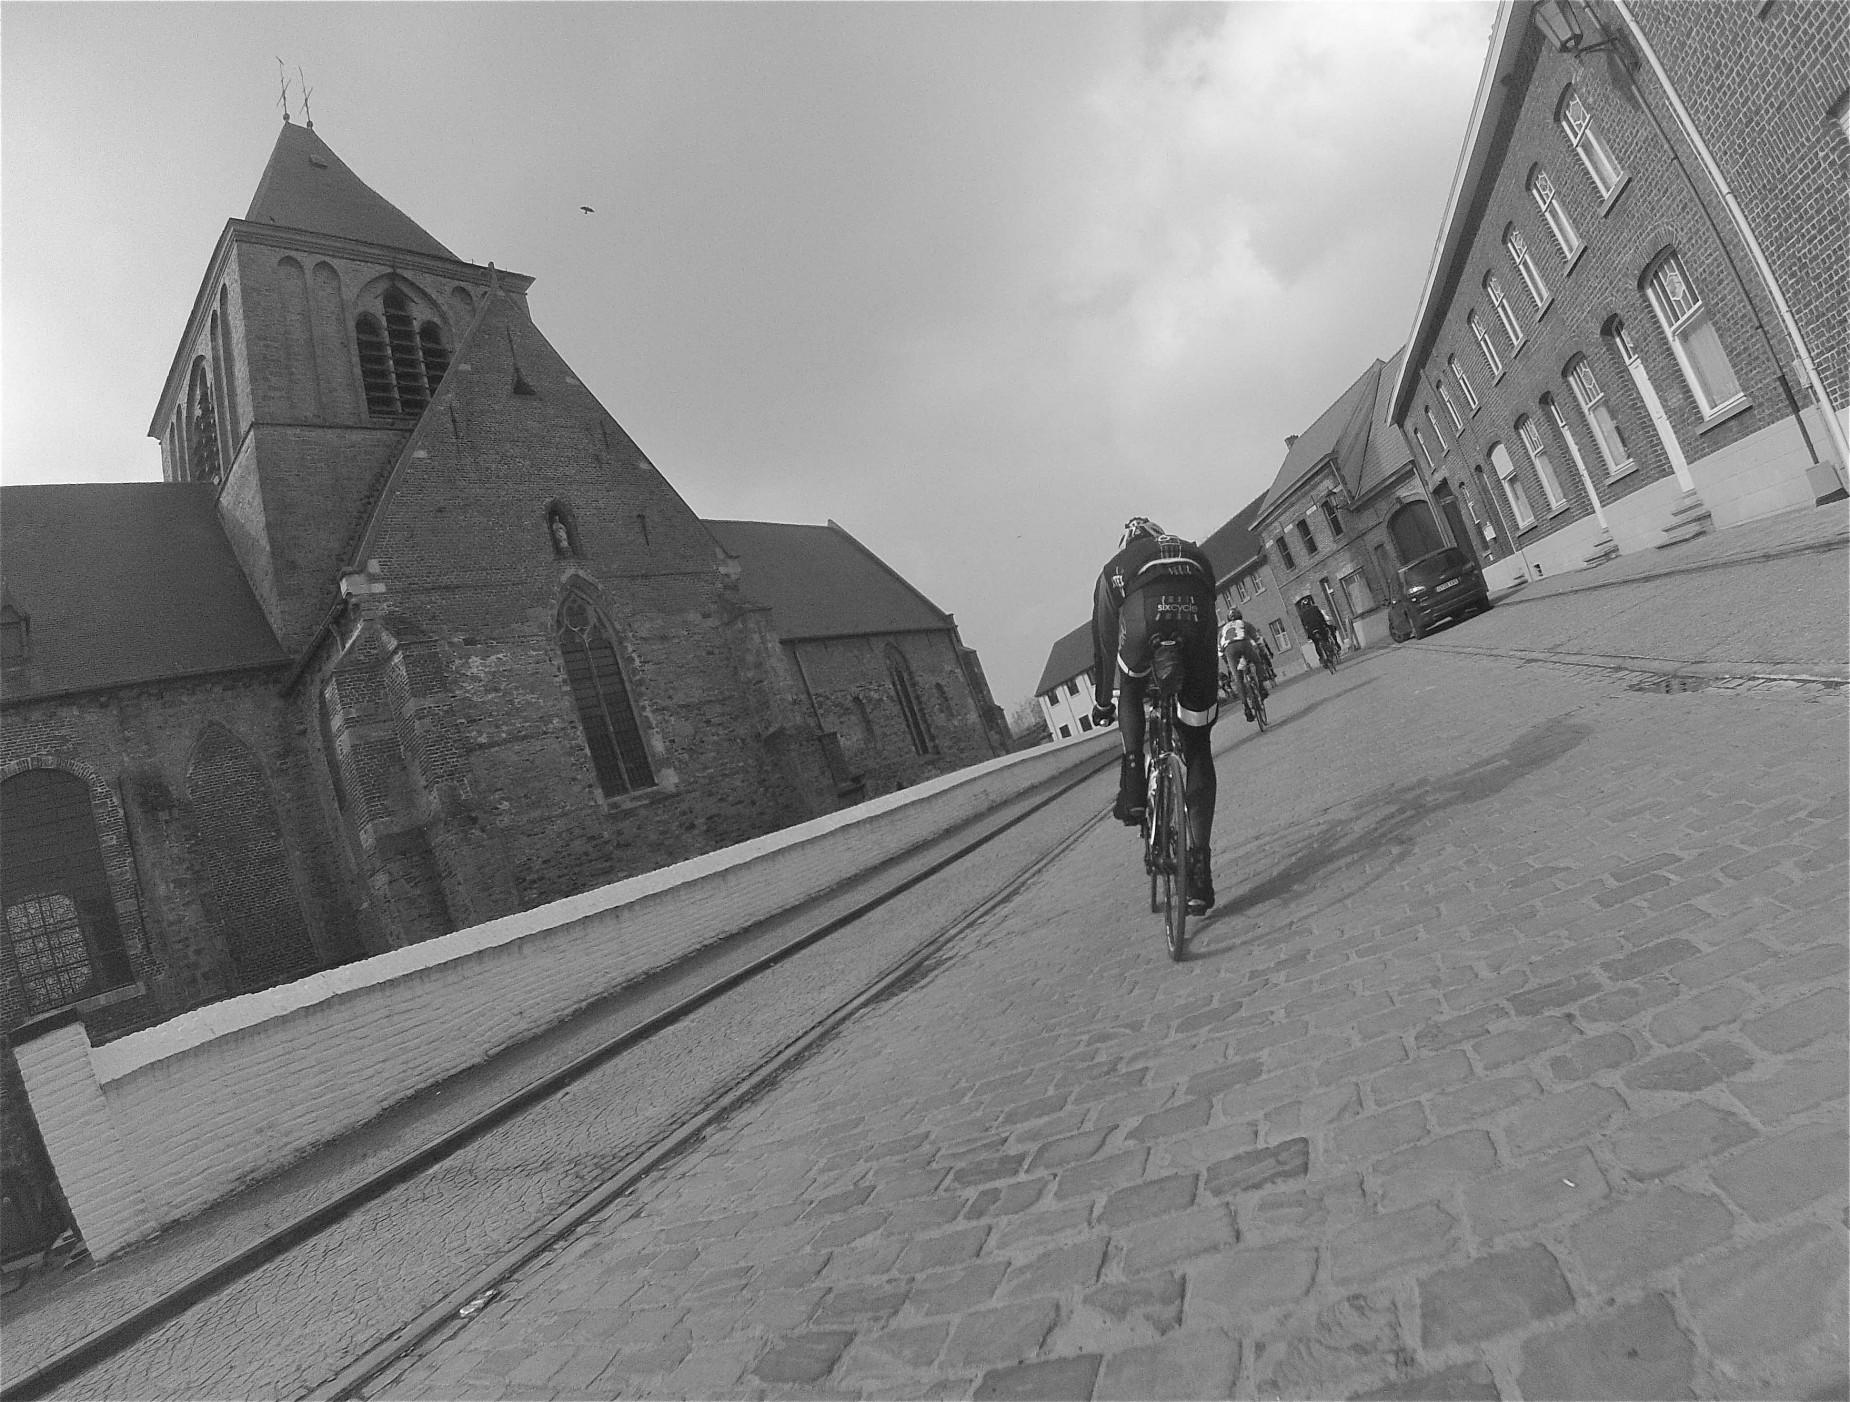 Team-Sixcycle-in-Belgium-3018-1850x1402.jpg